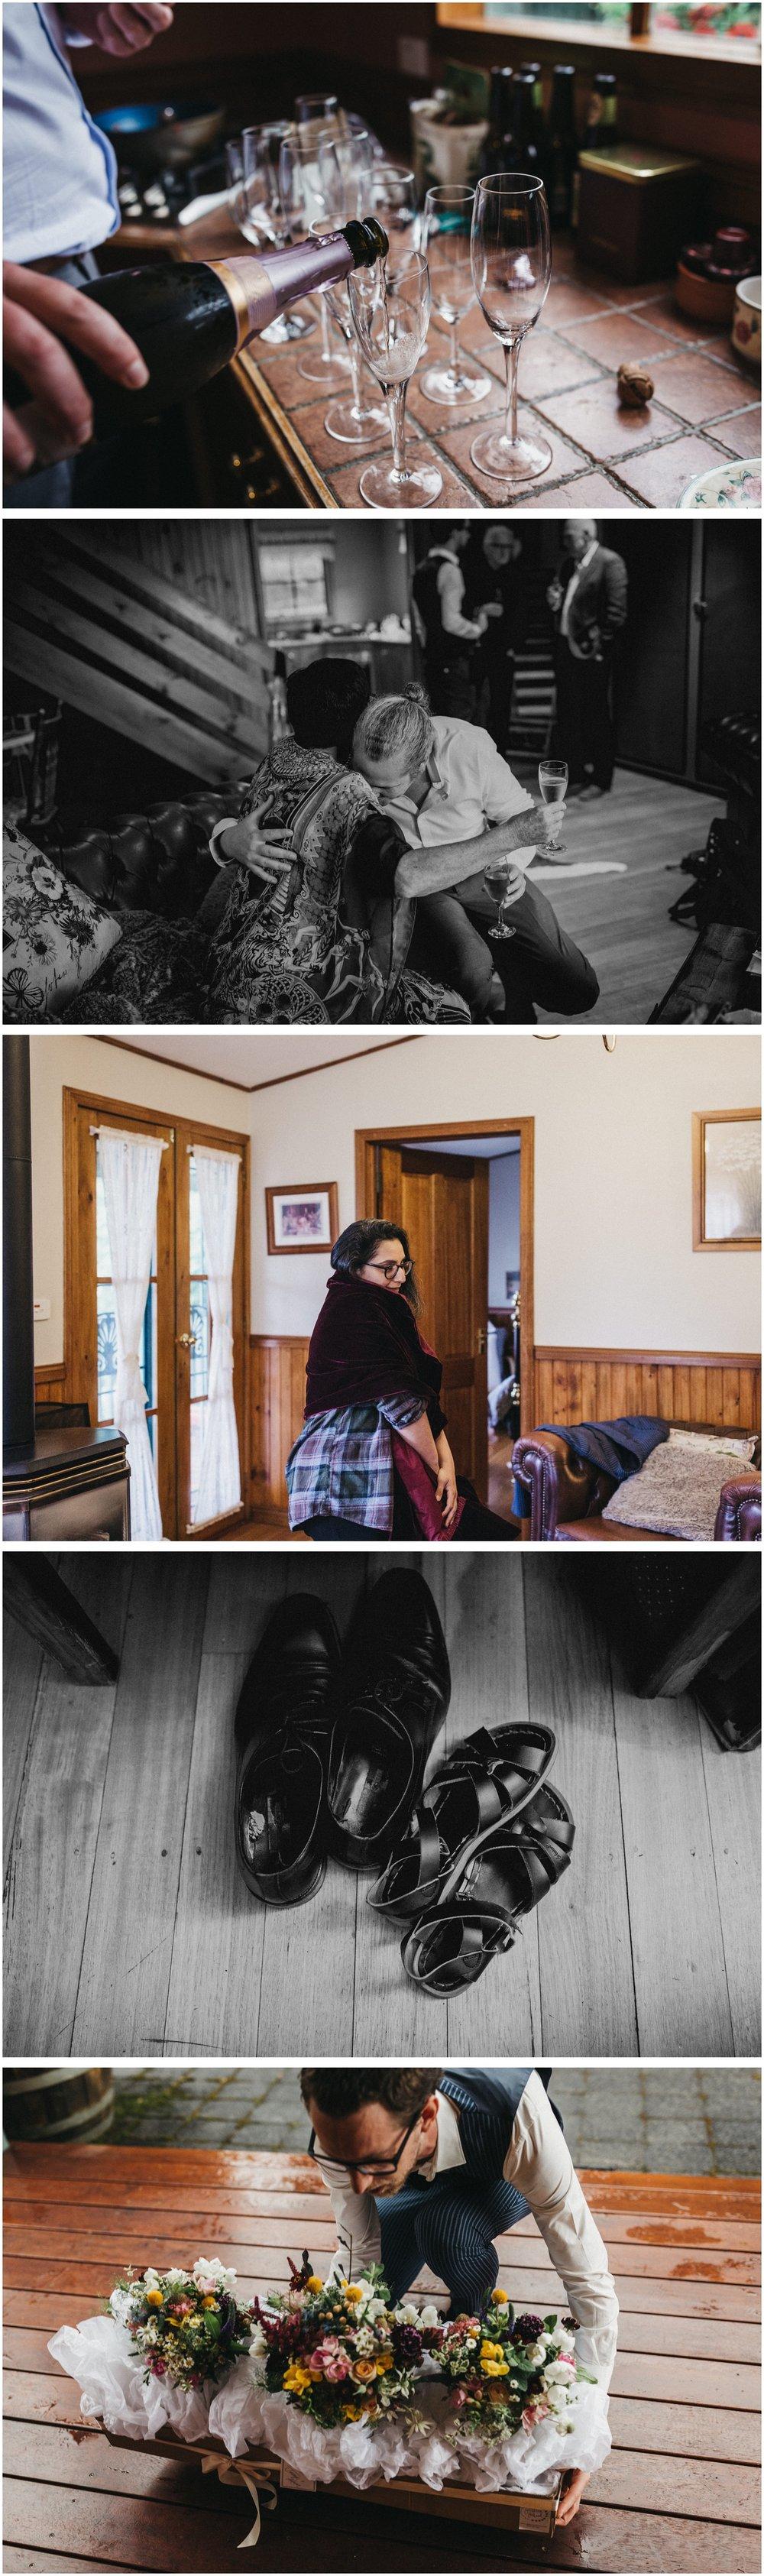 Jessye&Adam-014-766A0076.jpg